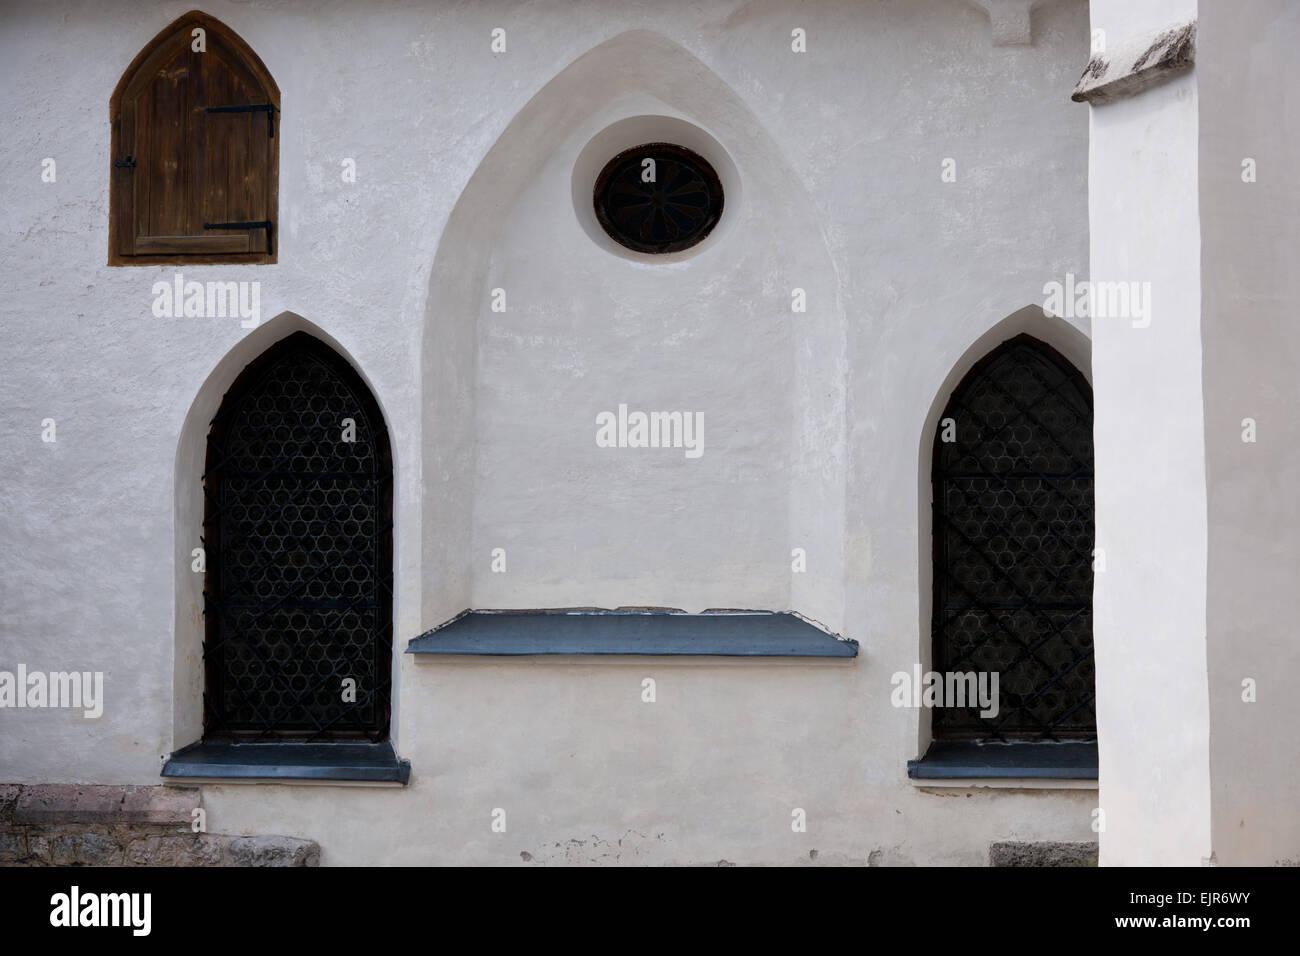 gotische Fenster der Pfarrkirche St. Paul in Bad Aussee, Styria, Salzkammergut, Ausseerland, Austria Stock Photo